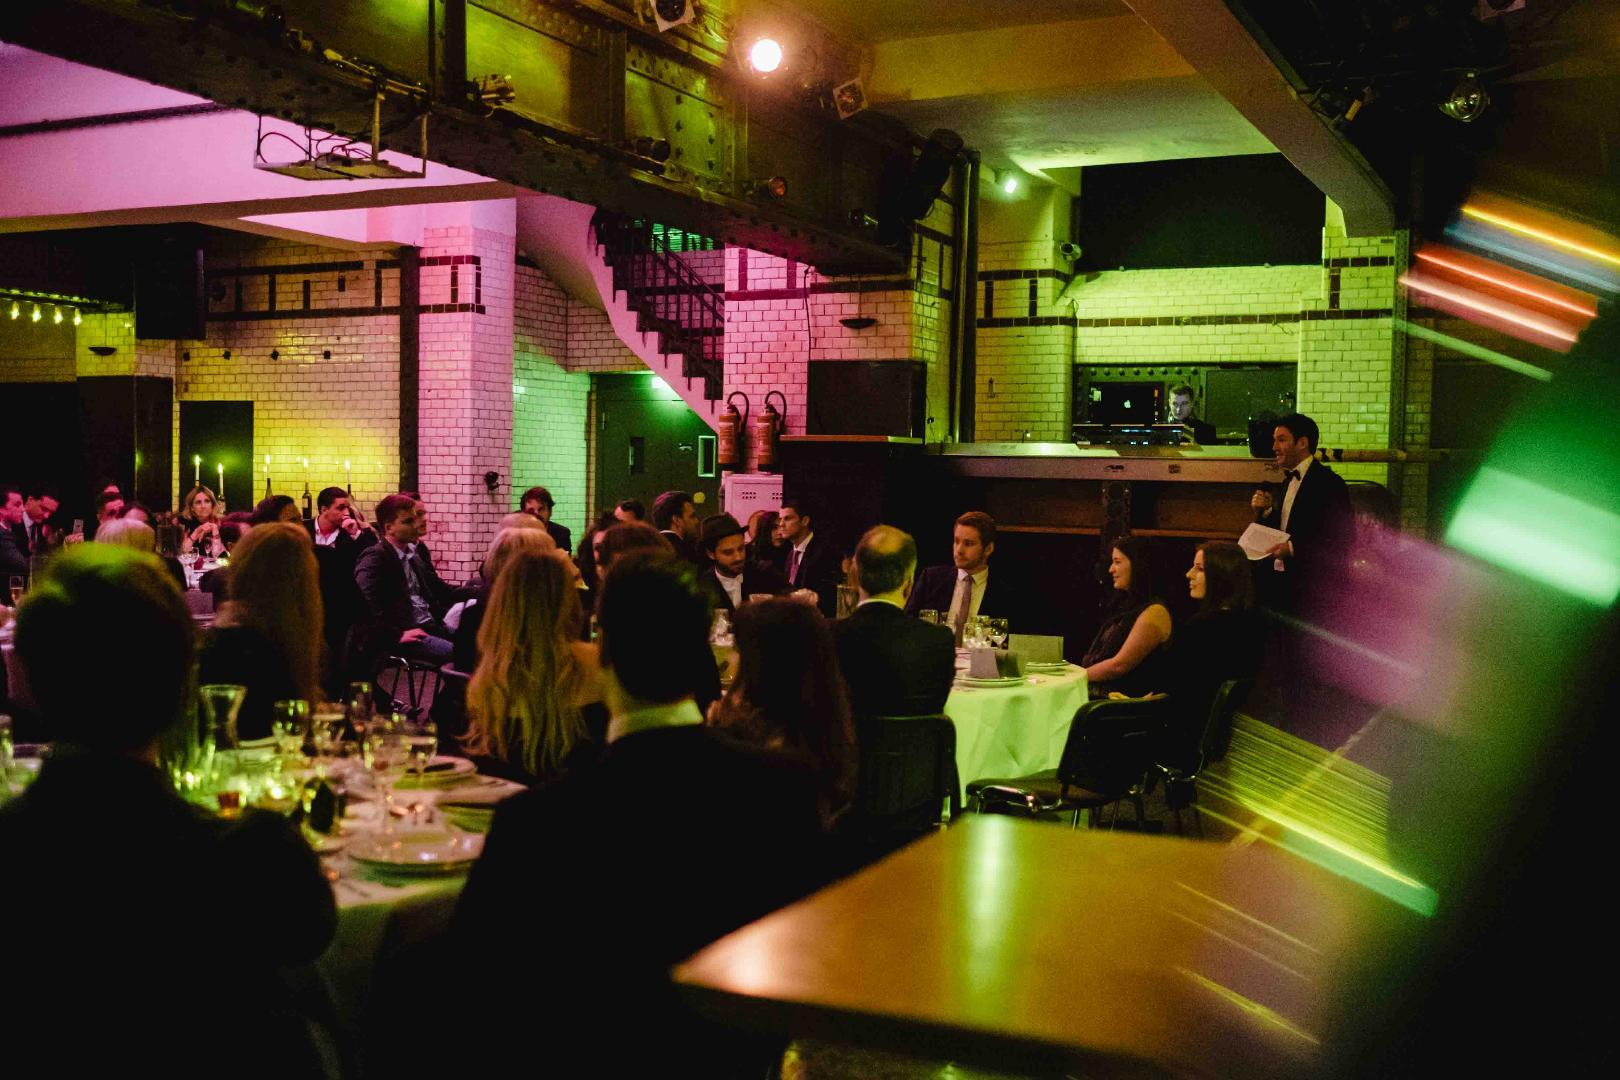 hpz stiftung feiern im weltkunstzimmer club loft lounge industriehalle galerie. Black Bedroom Furniture Sets. Home Design Ideas